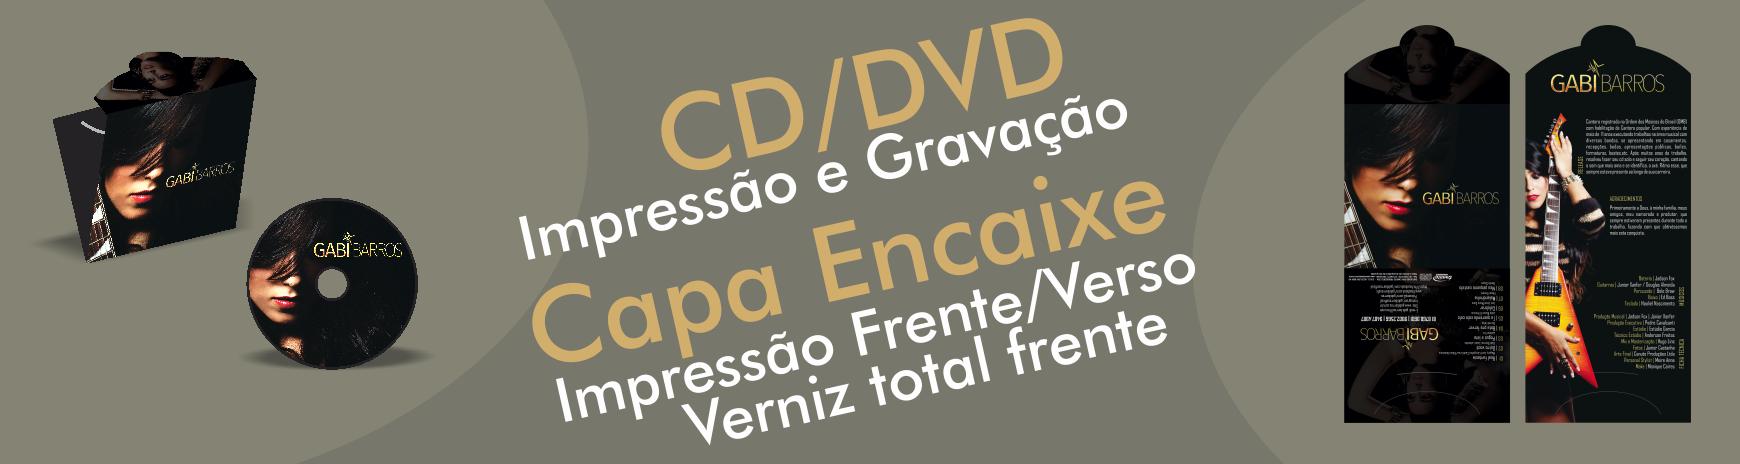 capa encaixe cd e dvd